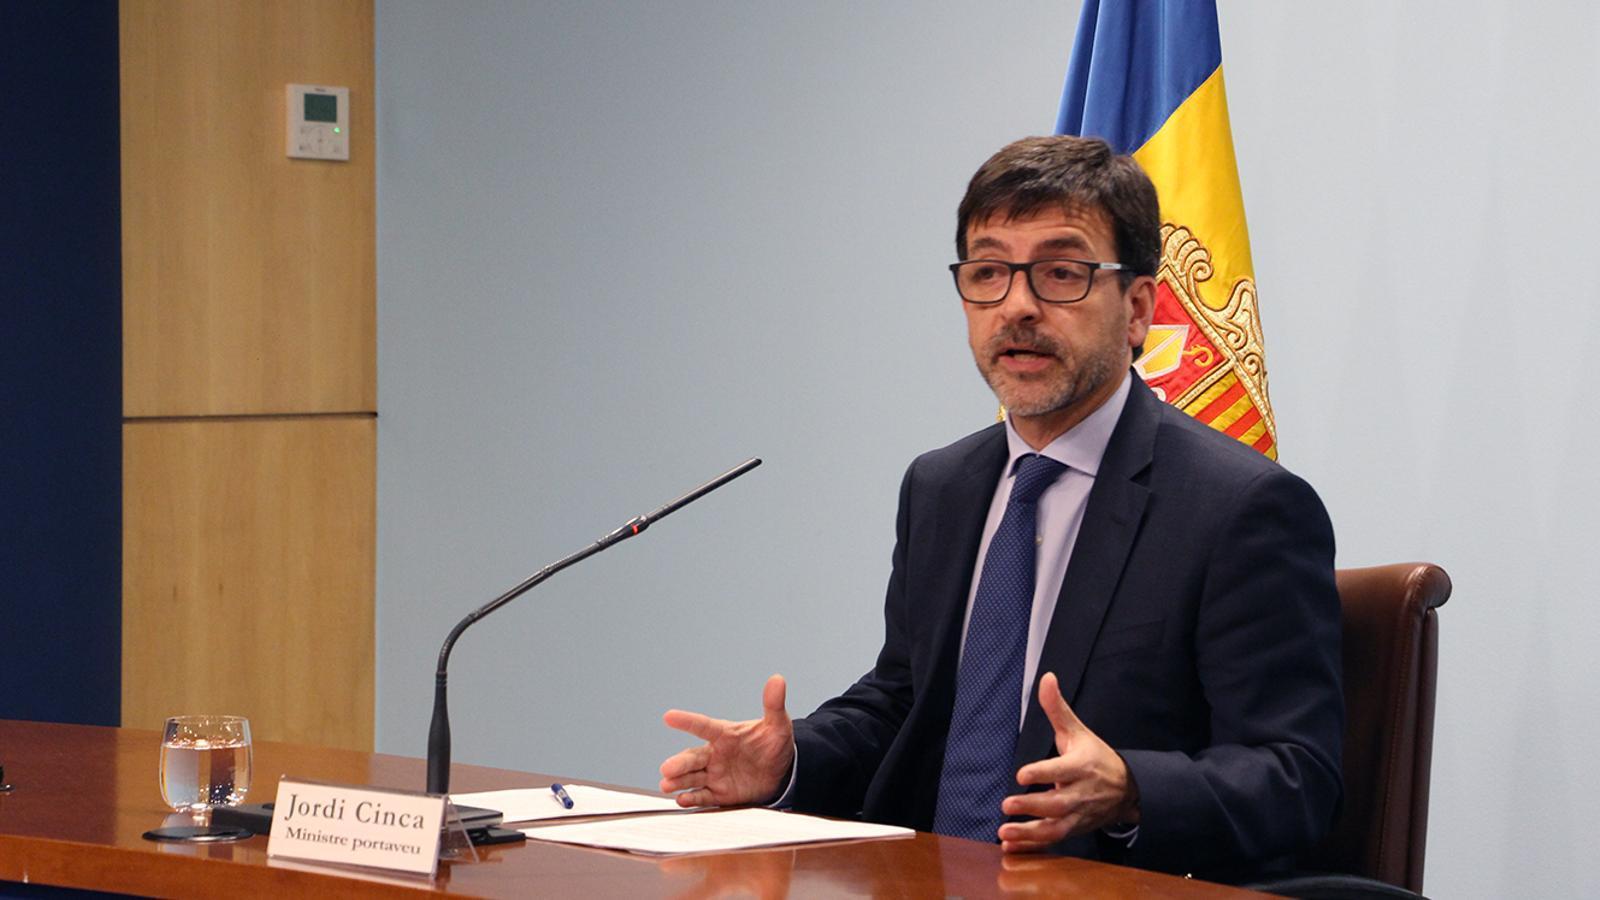 El ministre portaveu en funcions, Jordi Cinca, durant la roda de premsa posterior al consell de ministres. / M. M. (ANA)